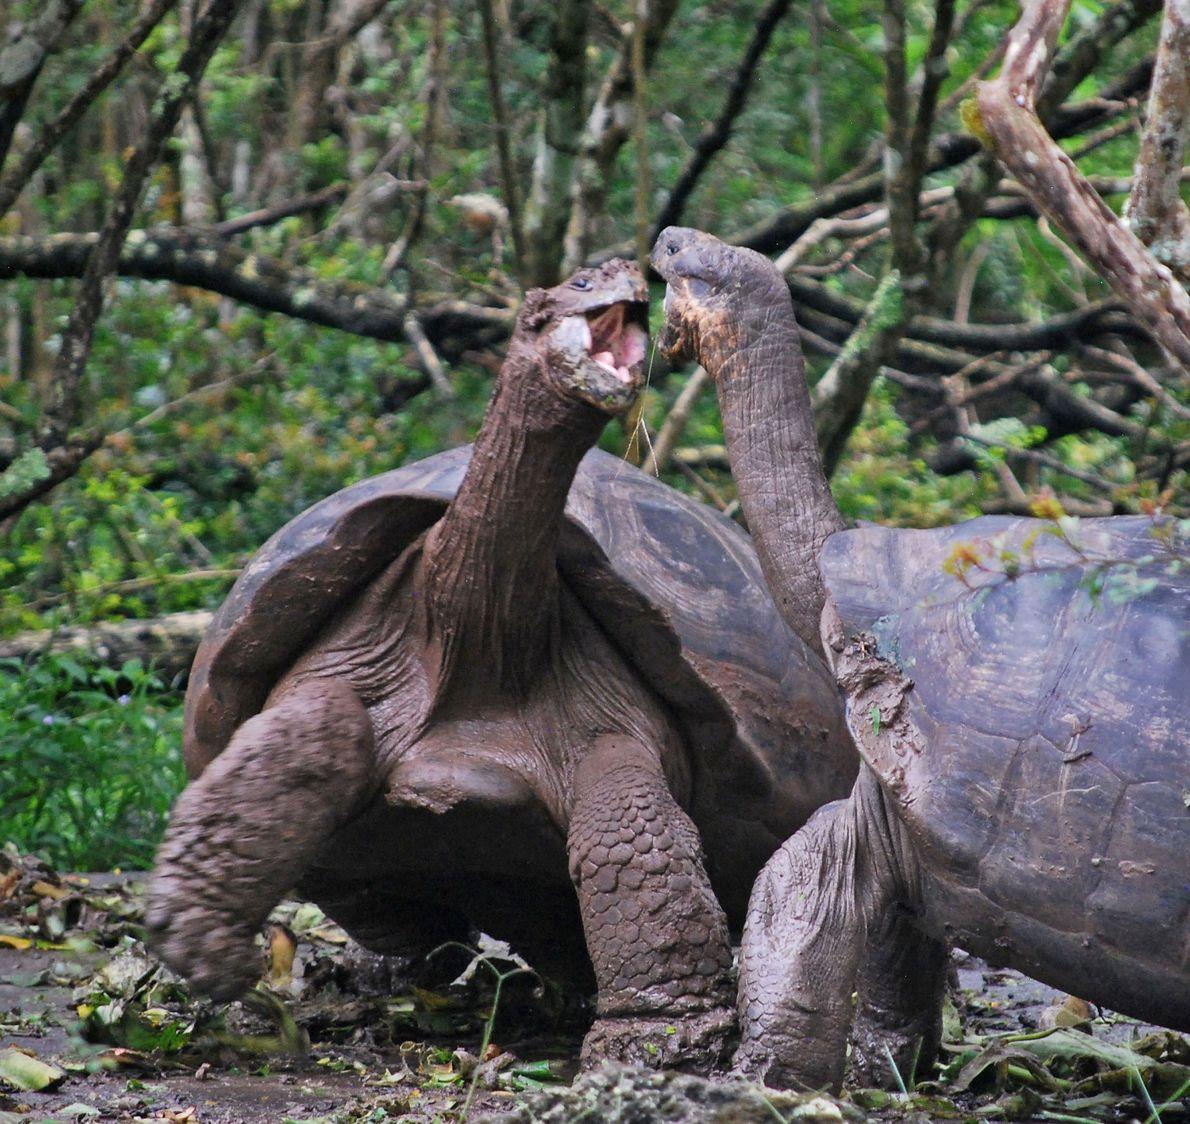 Tortugas de Galápagos se pelean entre sí en las Islas Galápagos.